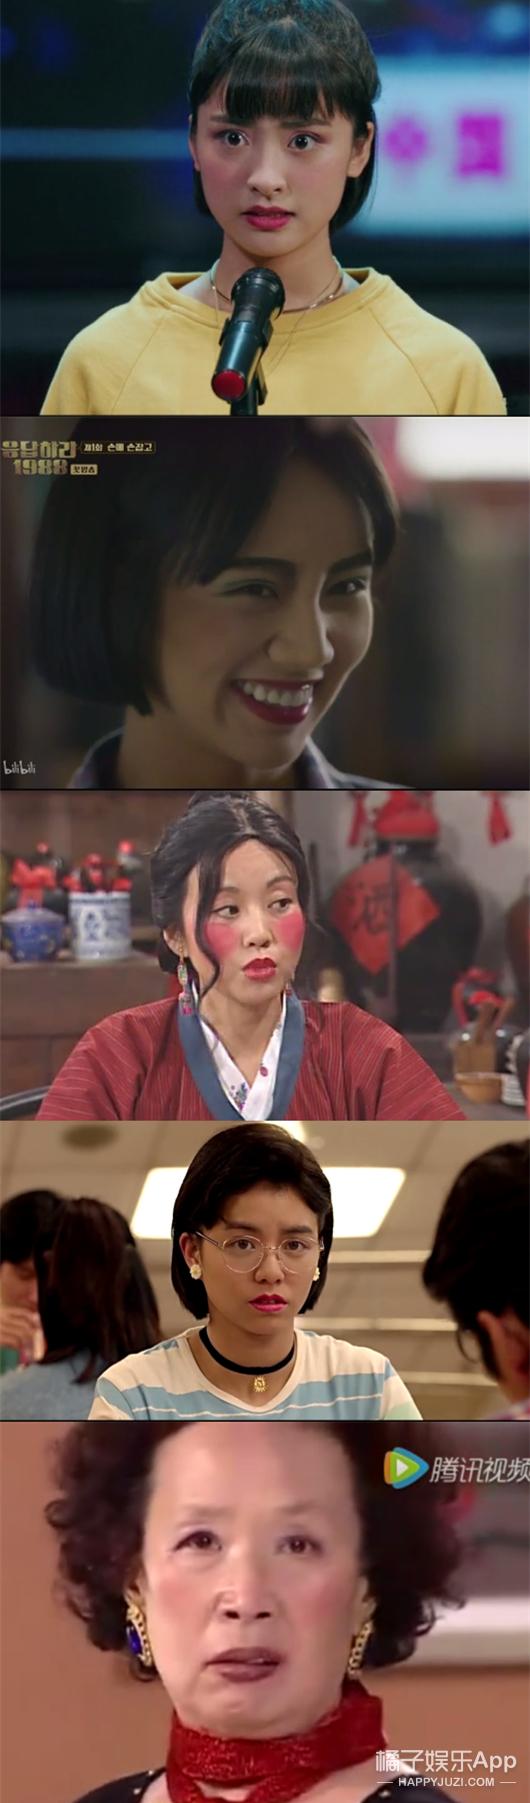 看完这5个女主角的化妆过程,这就是第一次化妆的我啊!